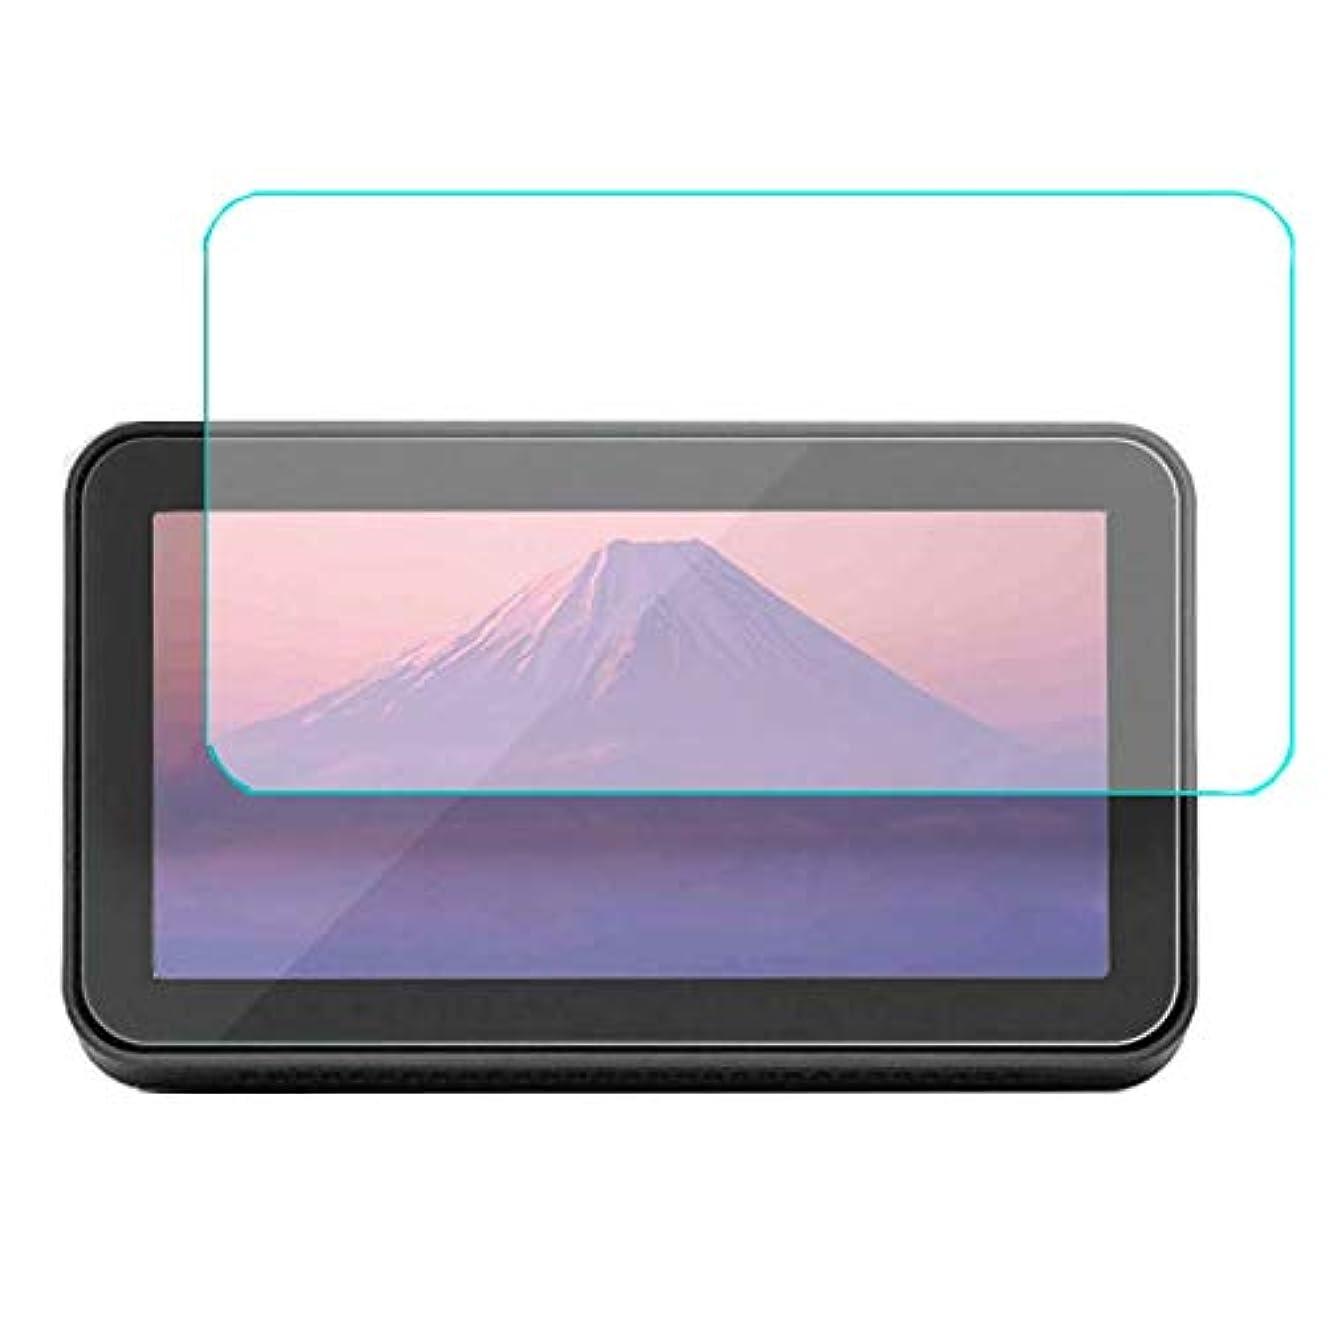 爆風精通した信頼Echo Show 5 ガラスフィルム 強化ガラスフィルム 耐指紋 撥油性 表面硬度9H ラウンド加工処理 飛散防止処理 高透過率 光沢表面仕様 画面保護 指紋防止 保護シート Echo Show 5 タブレット 専用 液晶保護フィルム PCduoduo